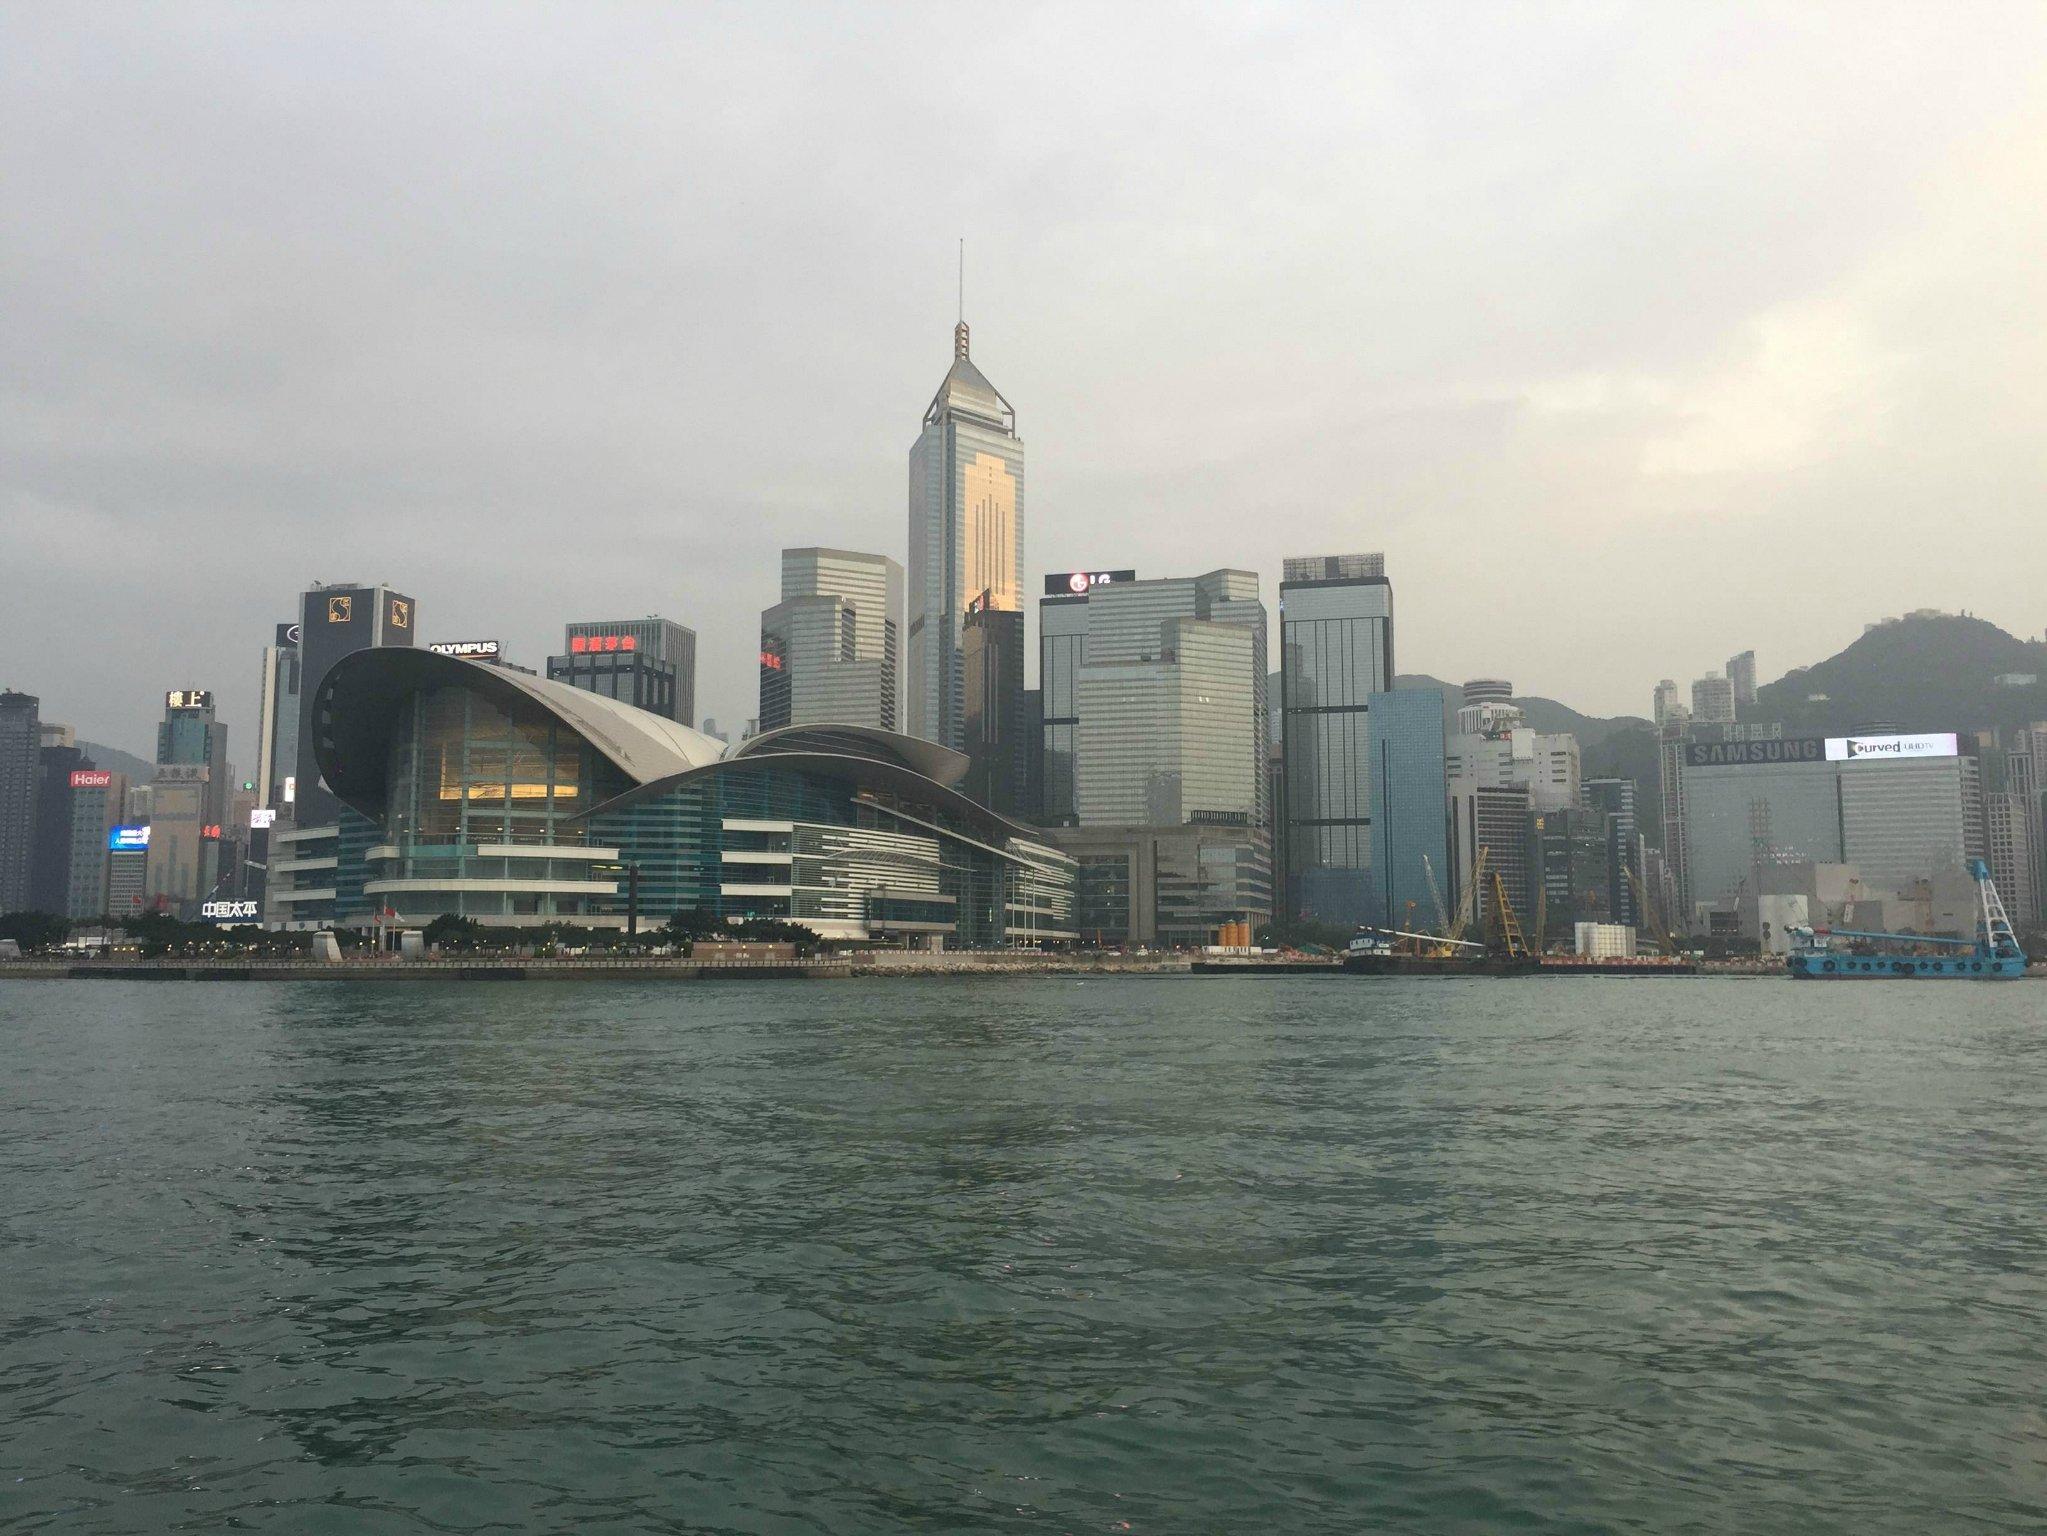 维多利亚港的海风 —— 最全香港澳门美食景点攻略,一网打尽之香港